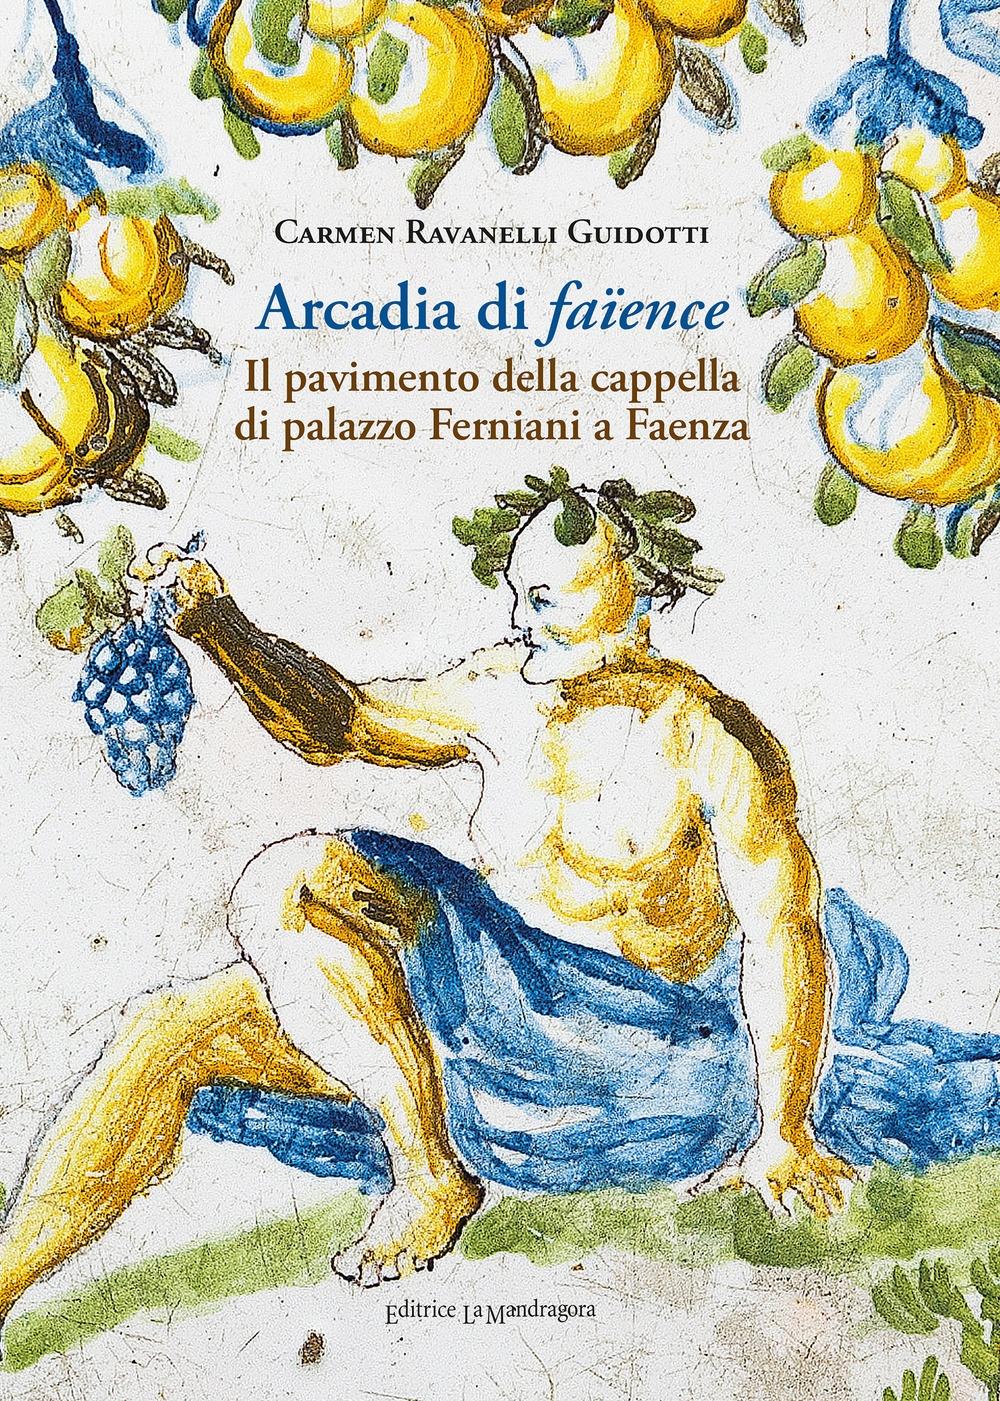 Arcadia di faïence. Il pavimento della cappella di palazzo Ferniani a Faenza.